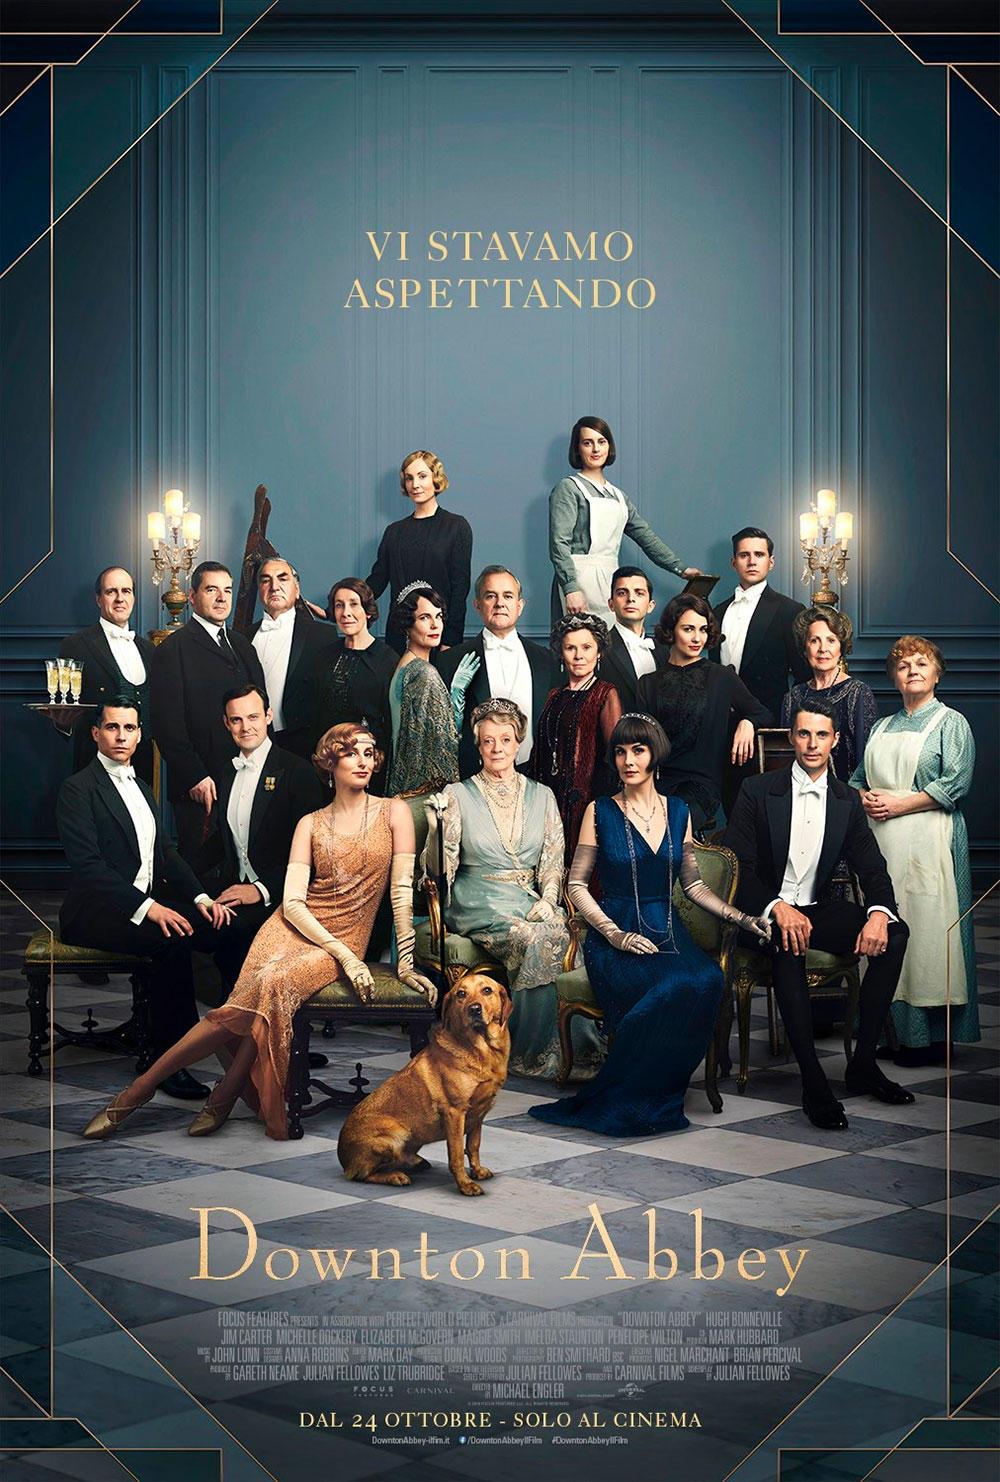 Downton Abbey , tutti i protagonisti riuniti: ecco il poster ufficiale del film